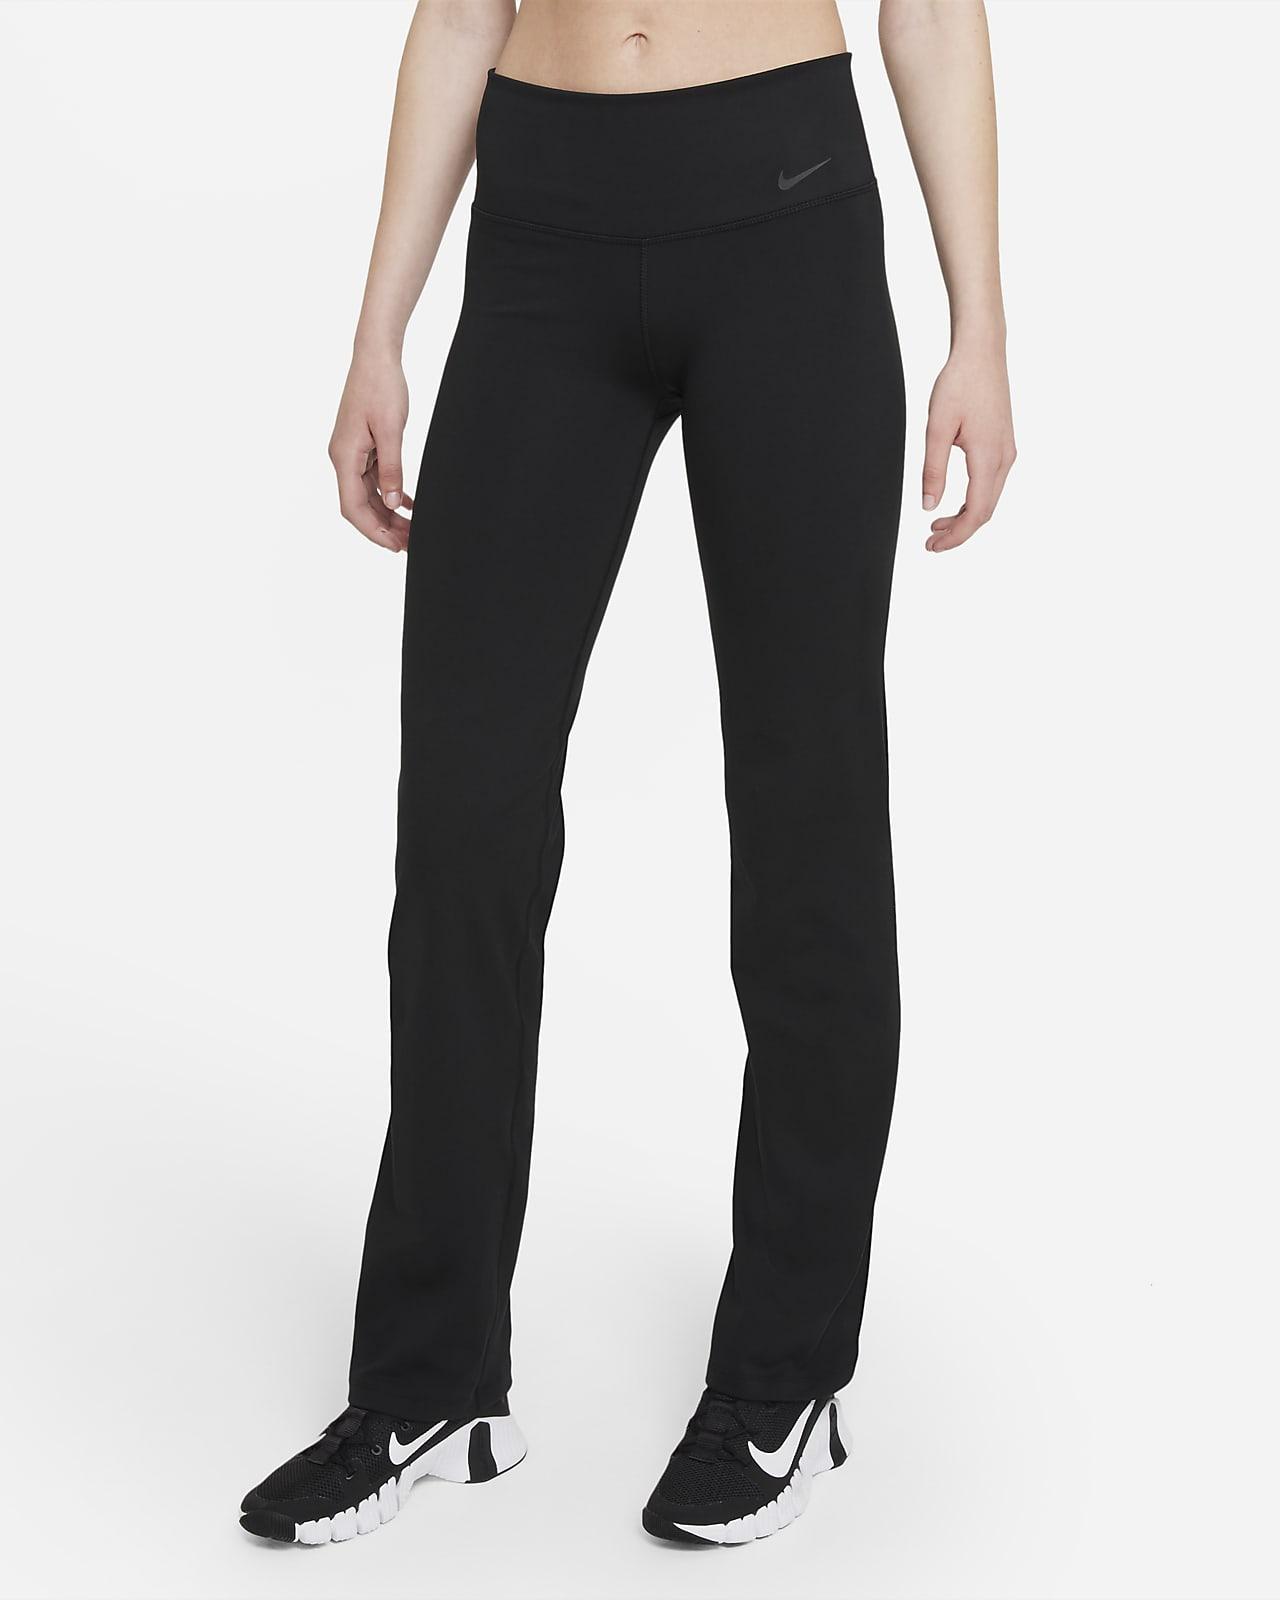 Damskie spodnie treningowe Nike Power